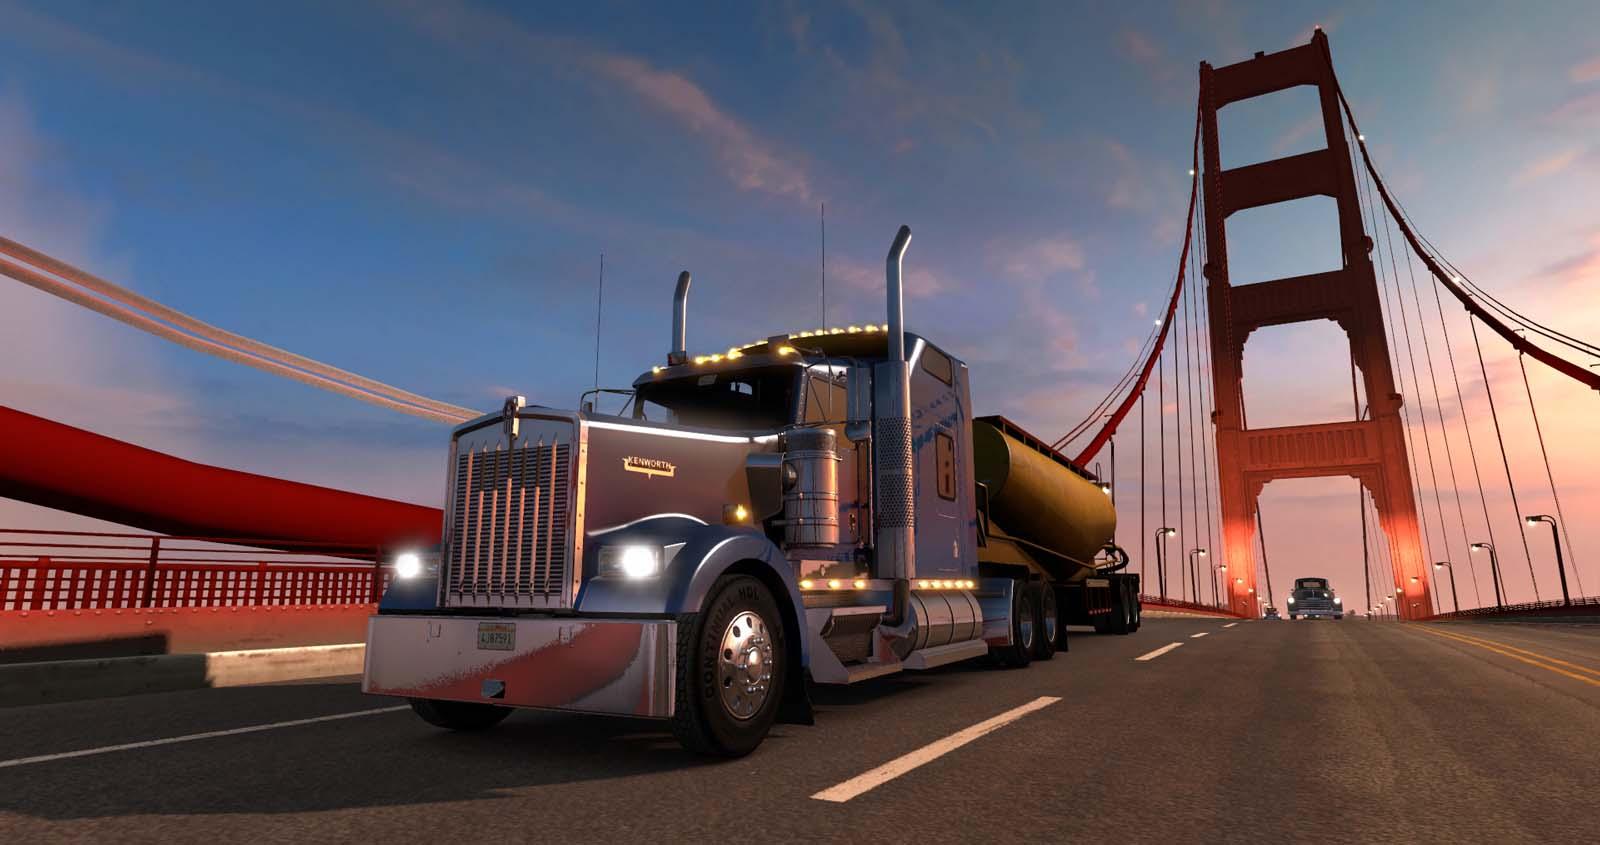 دانلود ترینر 6 کاره بازی American Truck Simulator